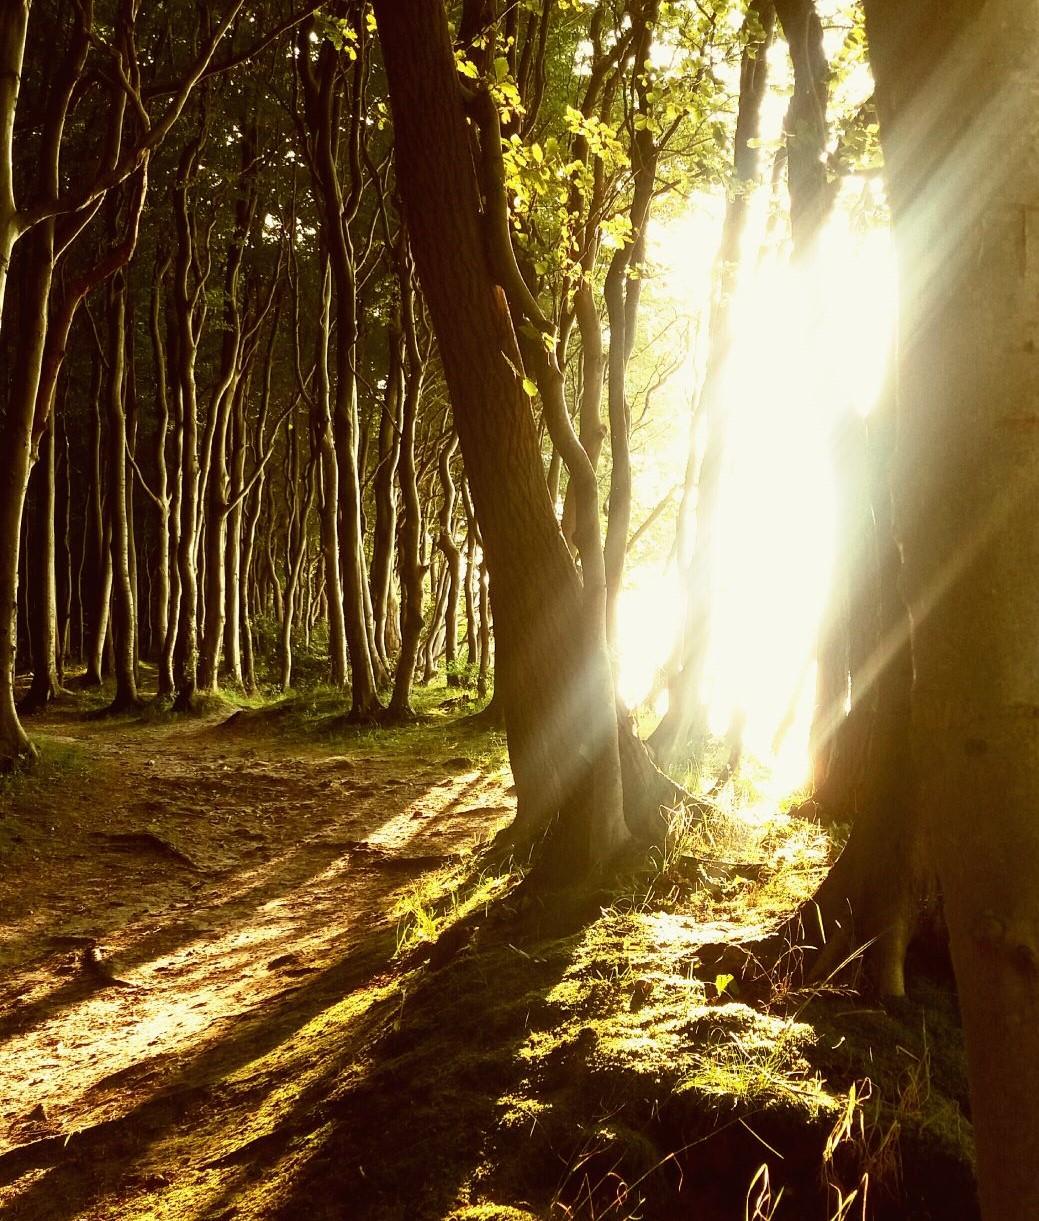 Dein Lebensweg – Wenn der Weg schön ist, frag nicht wohin er führt.